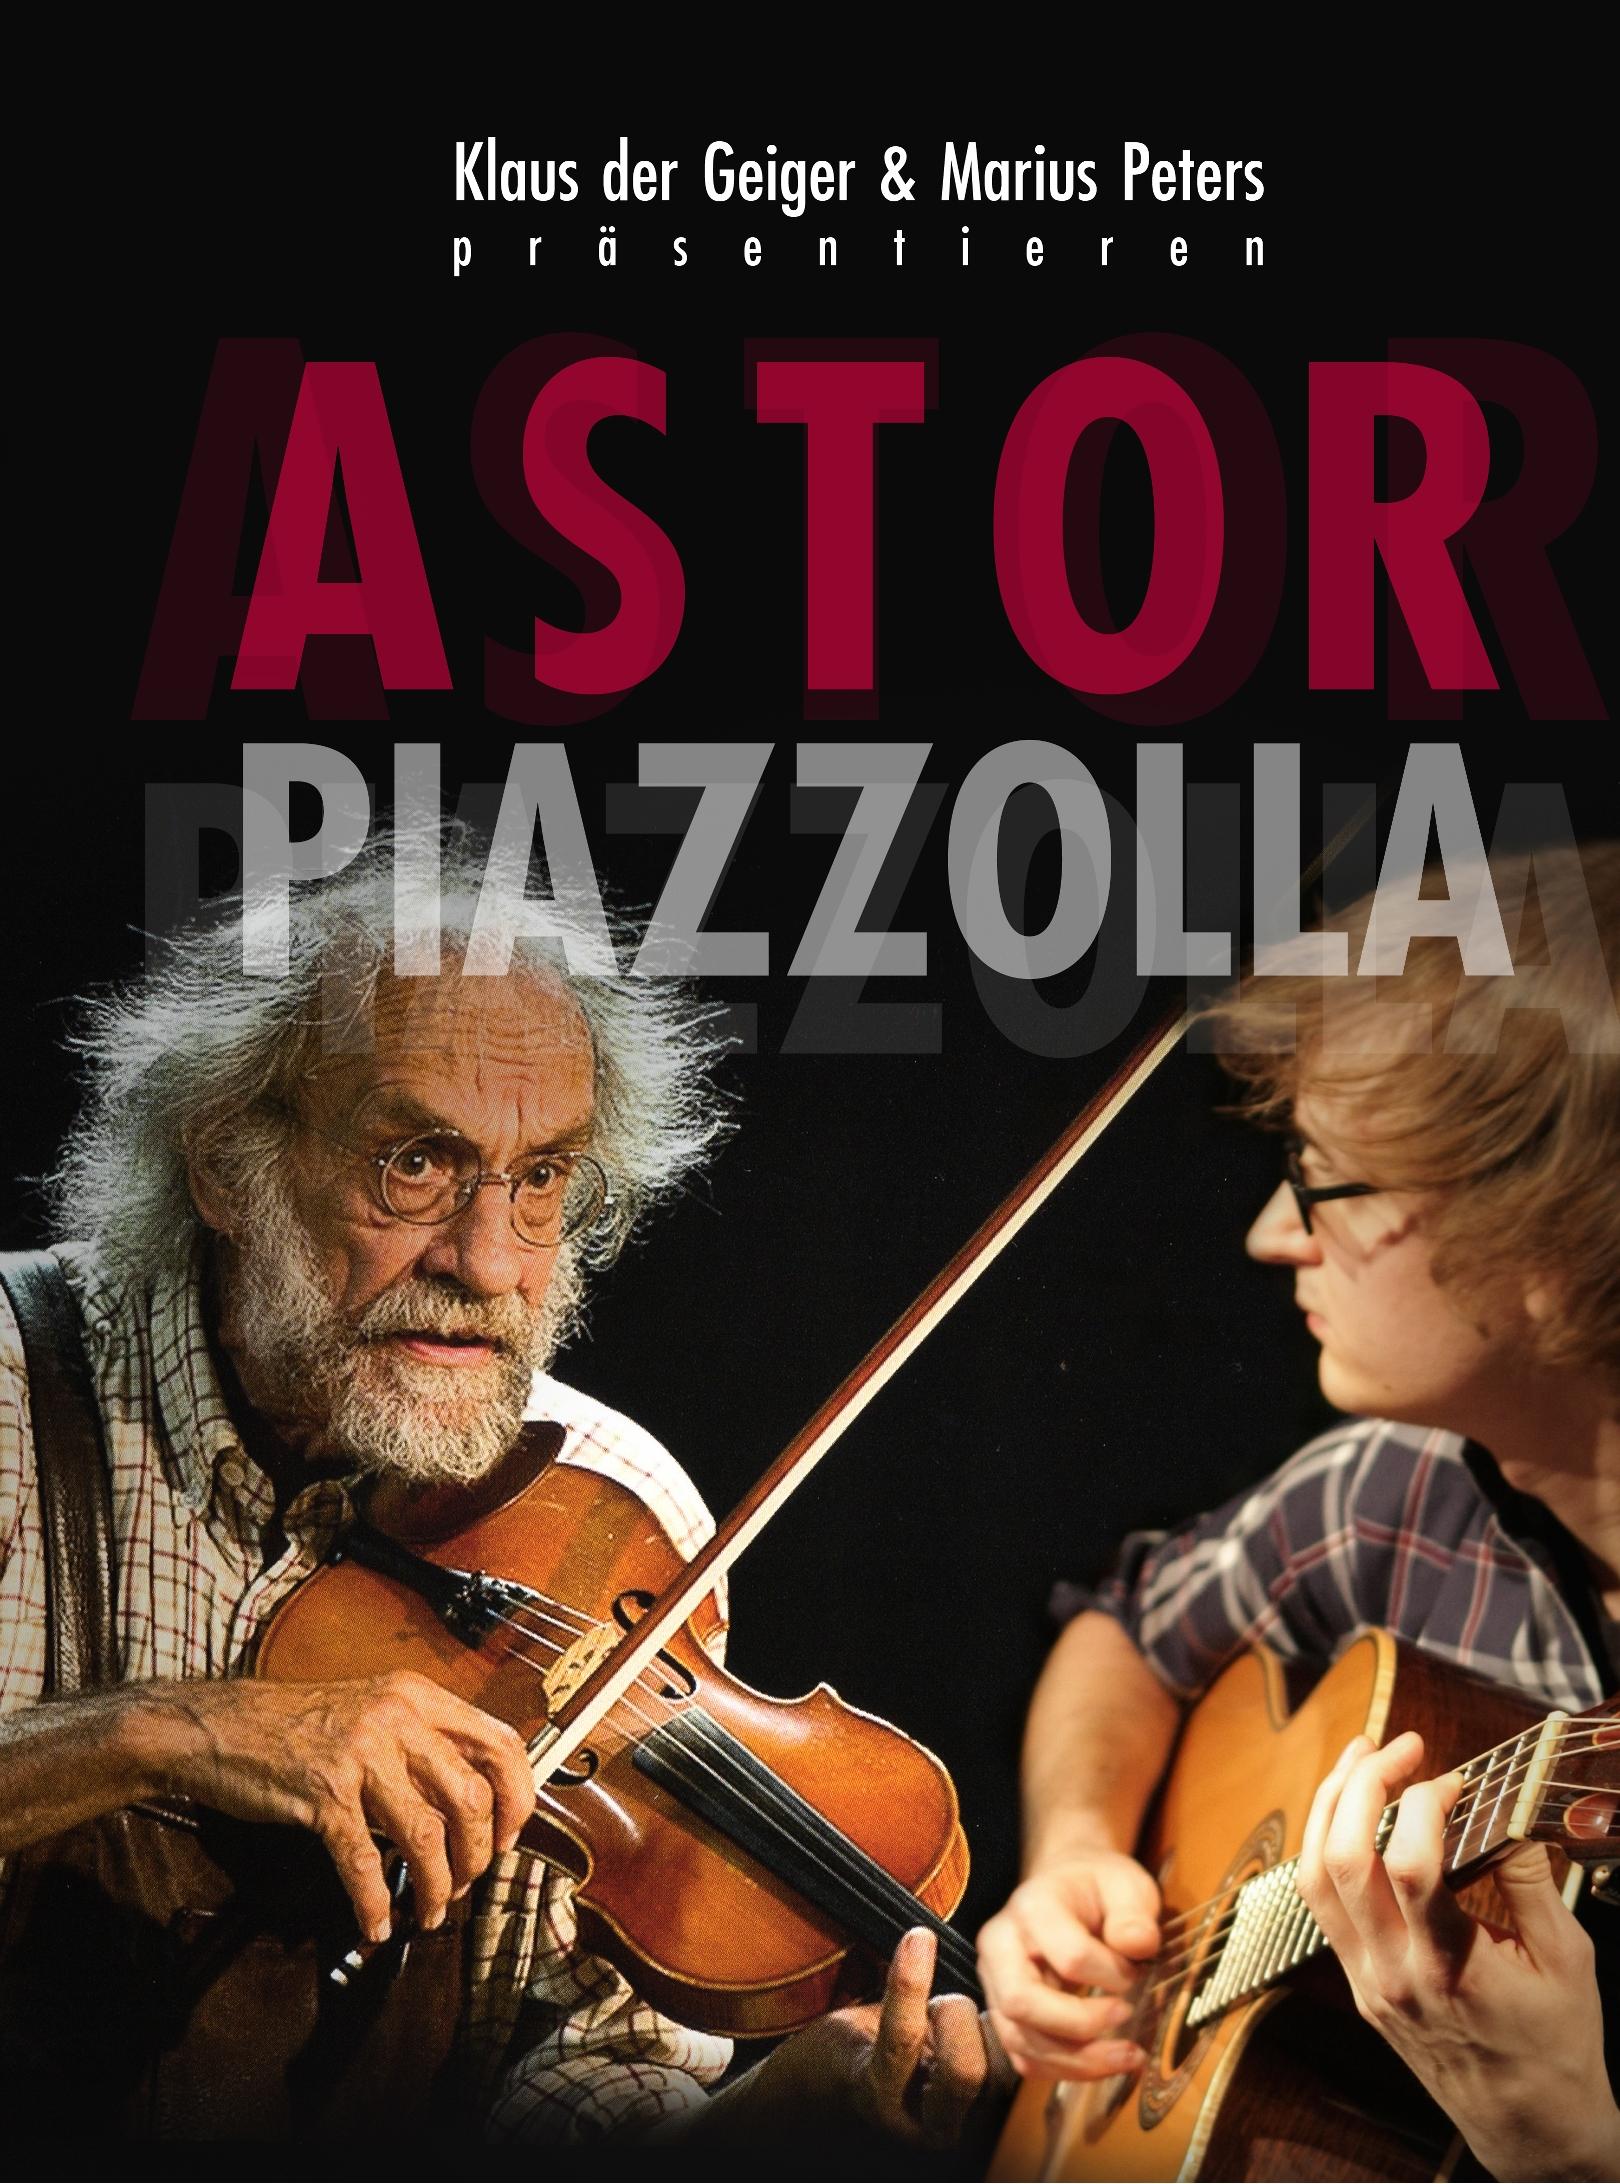 Konzert: Klaus der Geiger & Marius Peters präsentieren Astor Piazolla